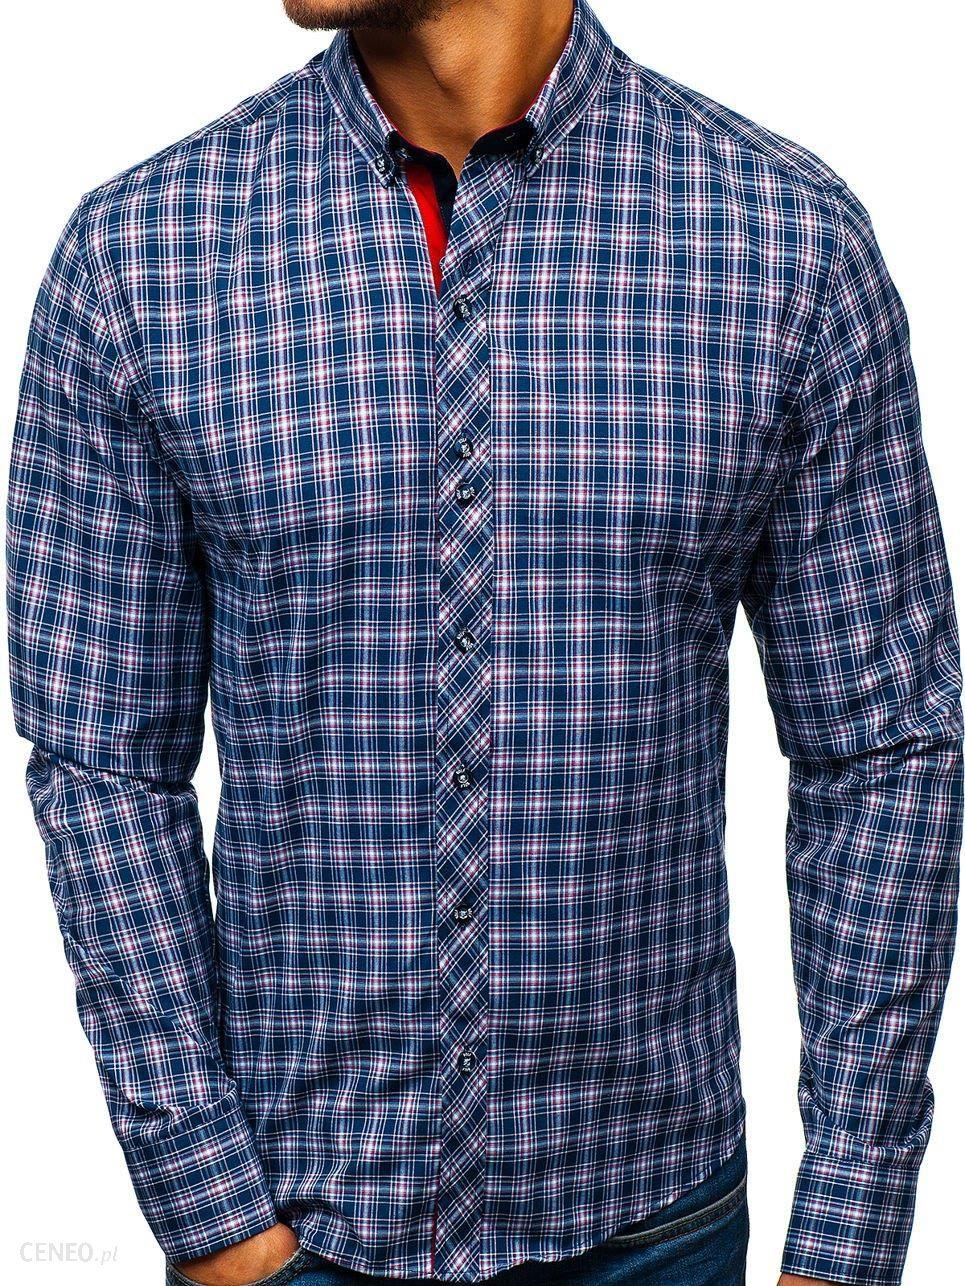 741b09276f1178 BOLF Koszula męska w kratę z długim rękawem granatowo-czerwona Bolf 8835 -  zdjęcie 1